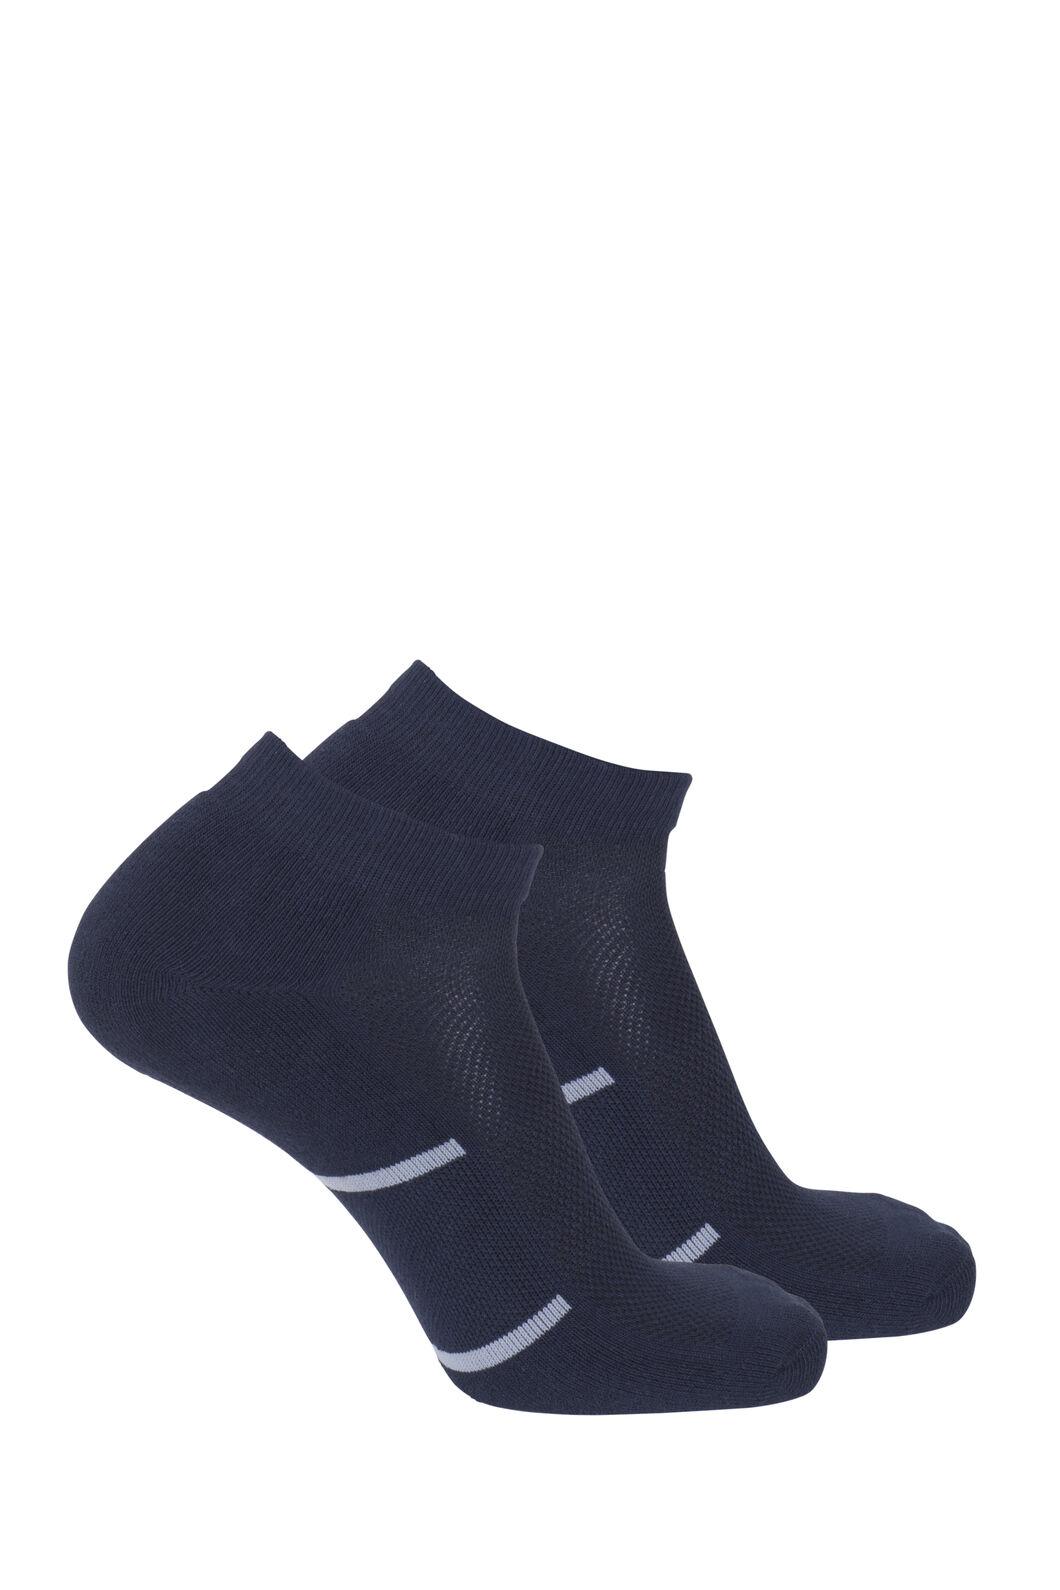 Macpac Anklet Socks (2 Pack), Salute/Mid Grey Marle, hi-res